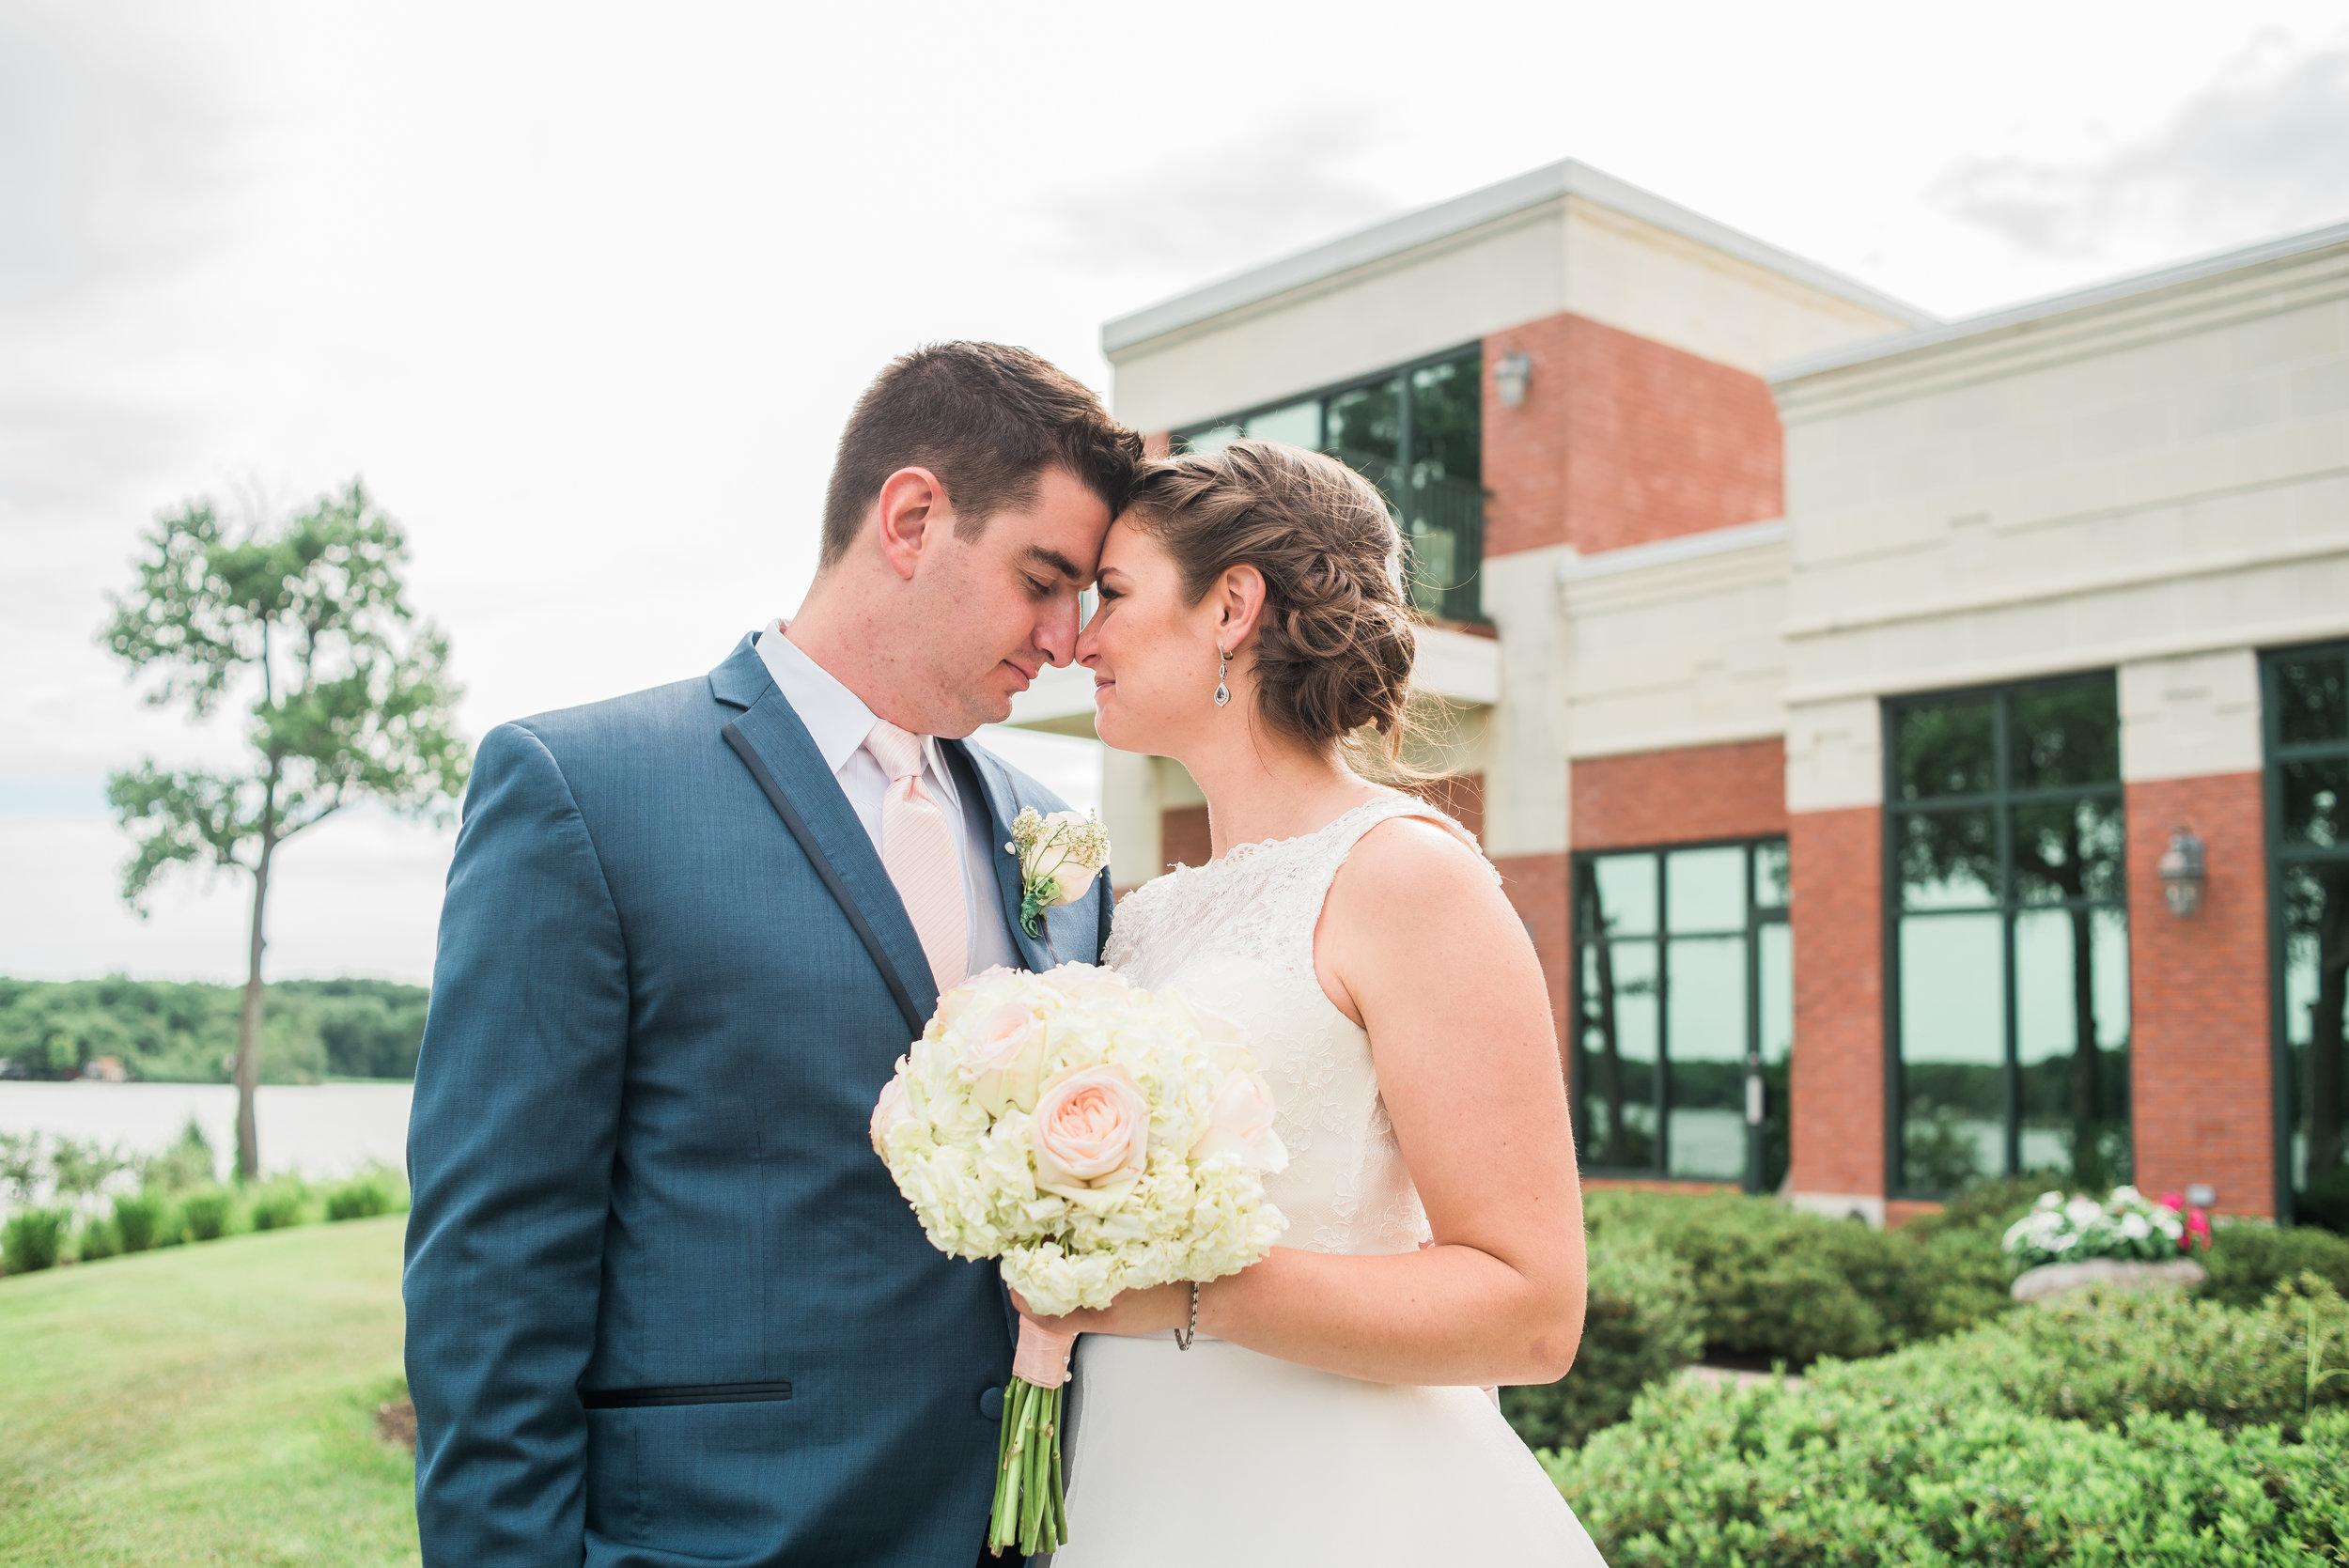 ryan-wedding-452.jpg